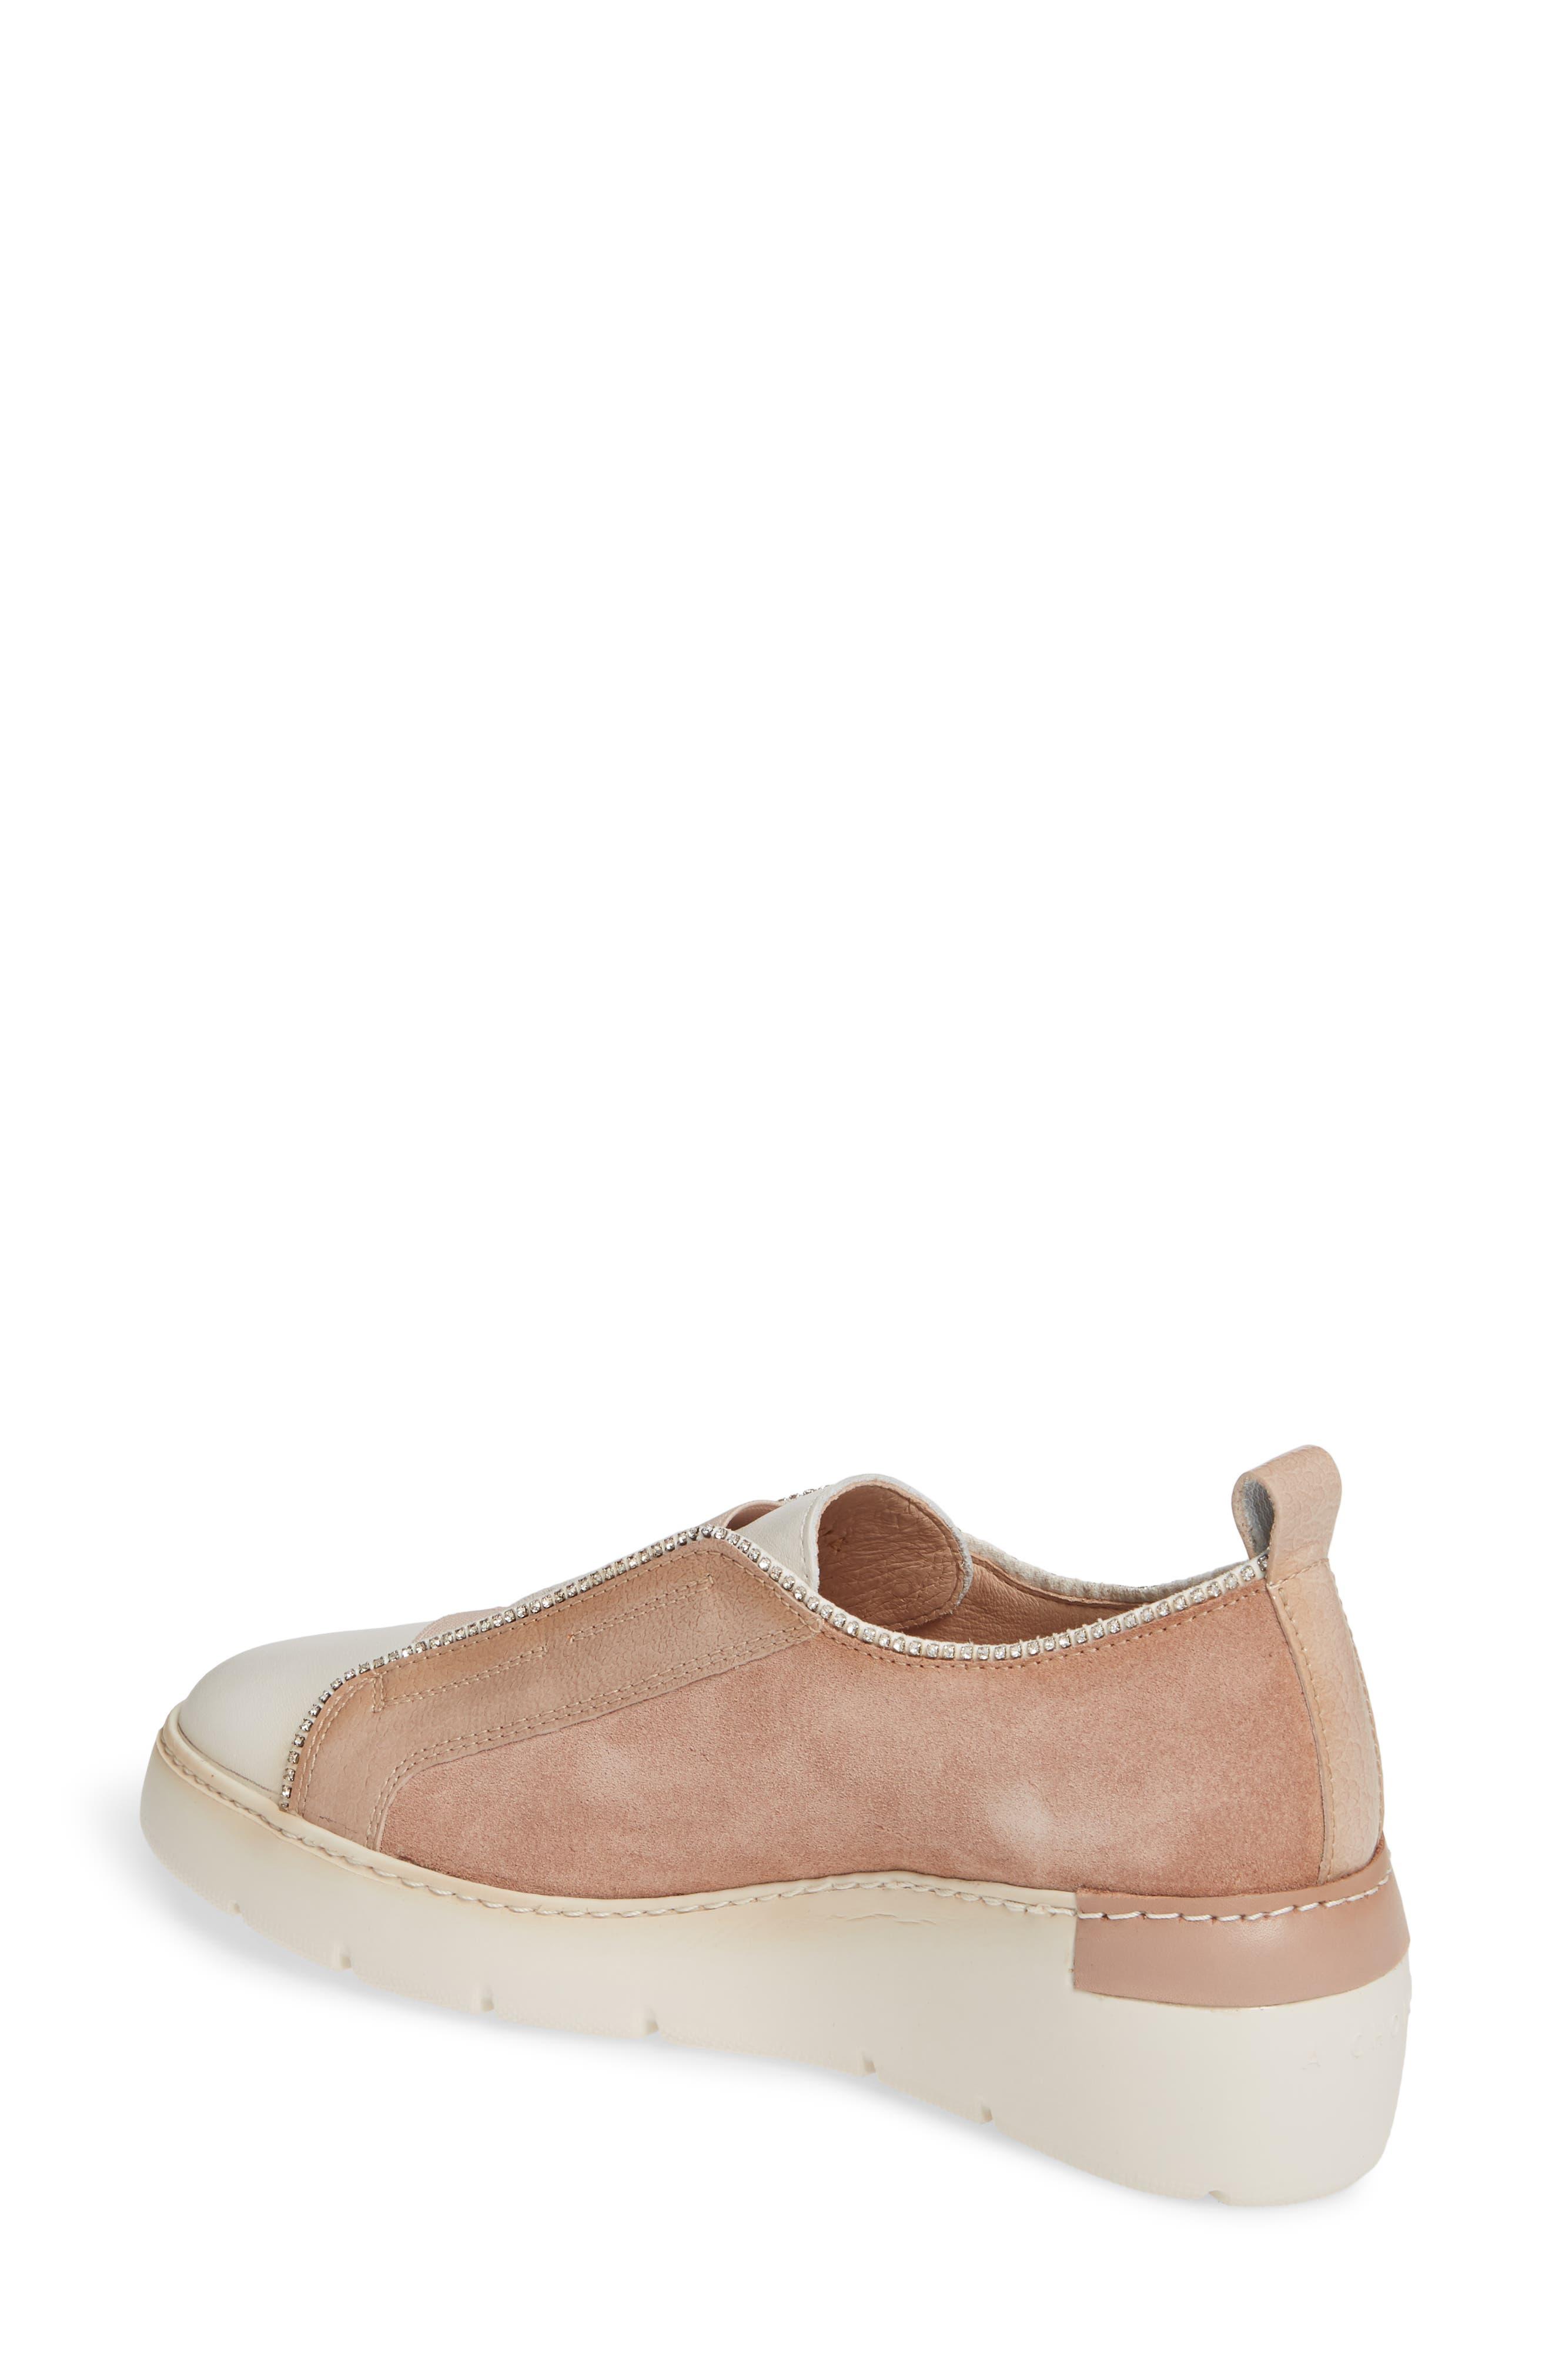 HISPANITAS, Benton Slip-On Wedge Sneaker, Alternate thumbnail 2, color, VELOUR FLESH LEATHER